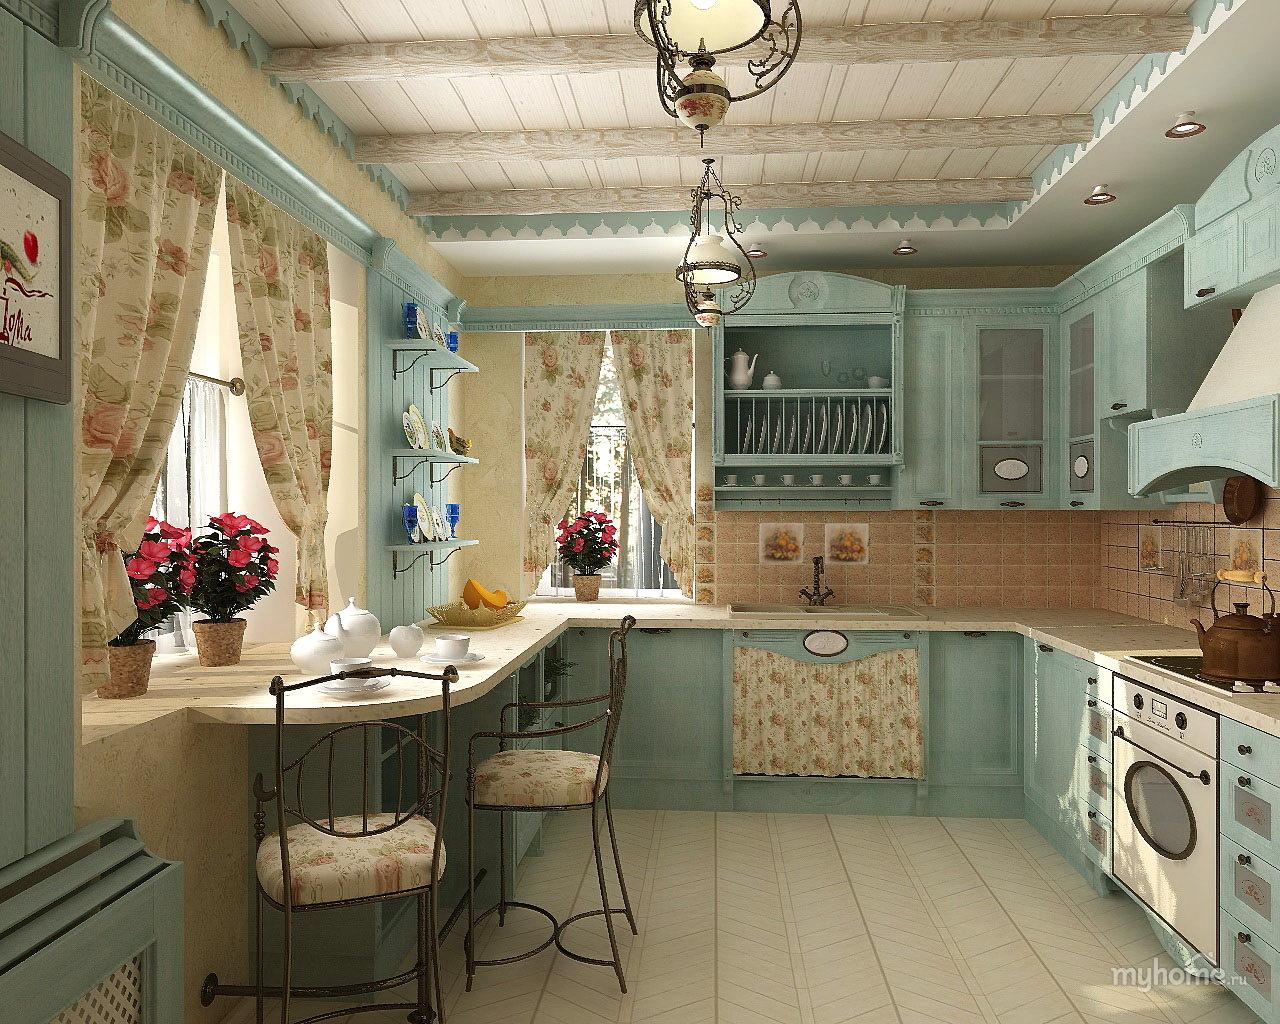 интерьер кухни в стиле прованс фото картинки только предлагает